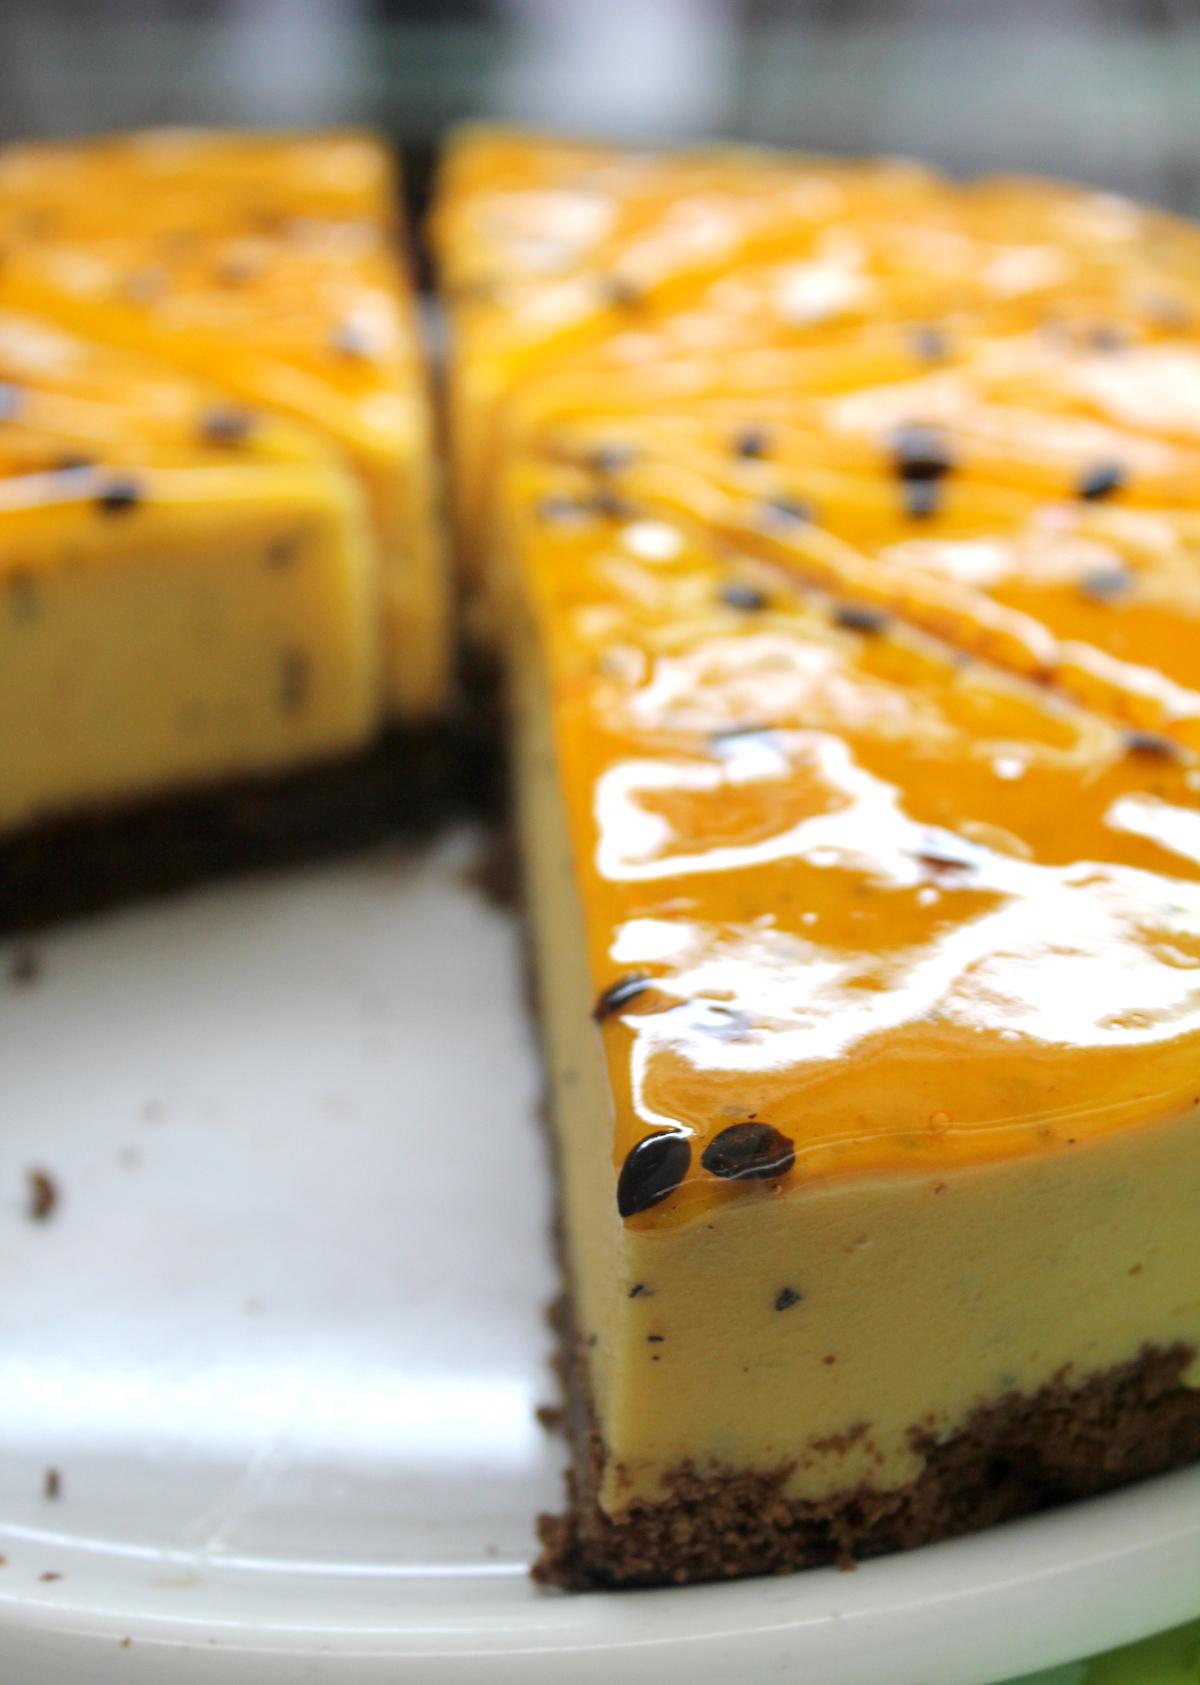 Passion Cake $1400 - Base de chocolate, cremosa mousse de maracuyá, decorada con pepitas de la fruta y almíbar.